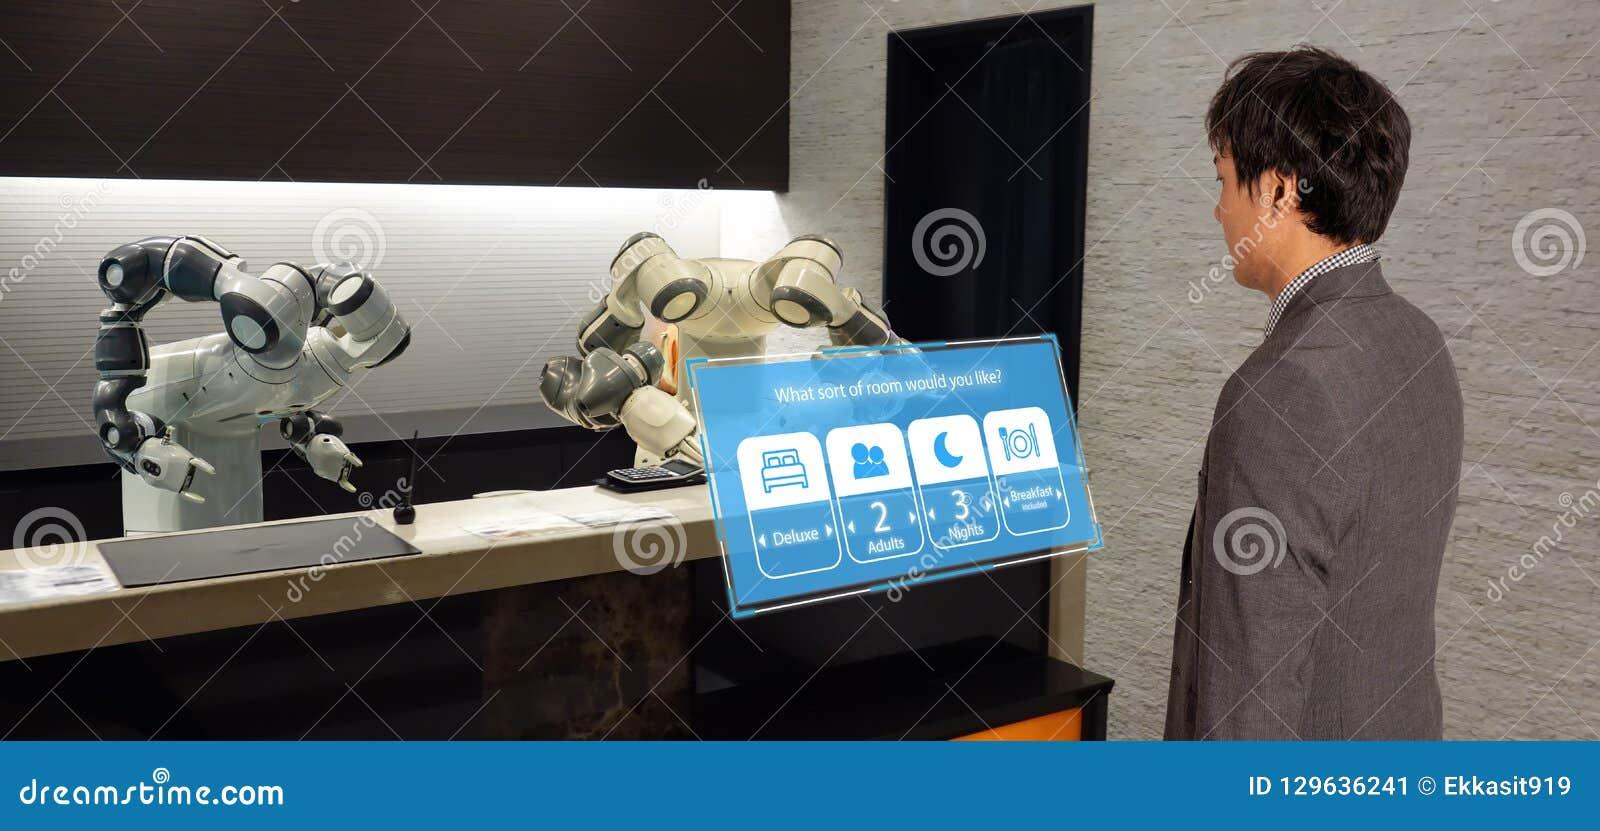 Hotel esperto na indústria 4 da hospitalidade 0 conceitos, o assistente do robô do robô do recepcionista na entrada do hotel ou a